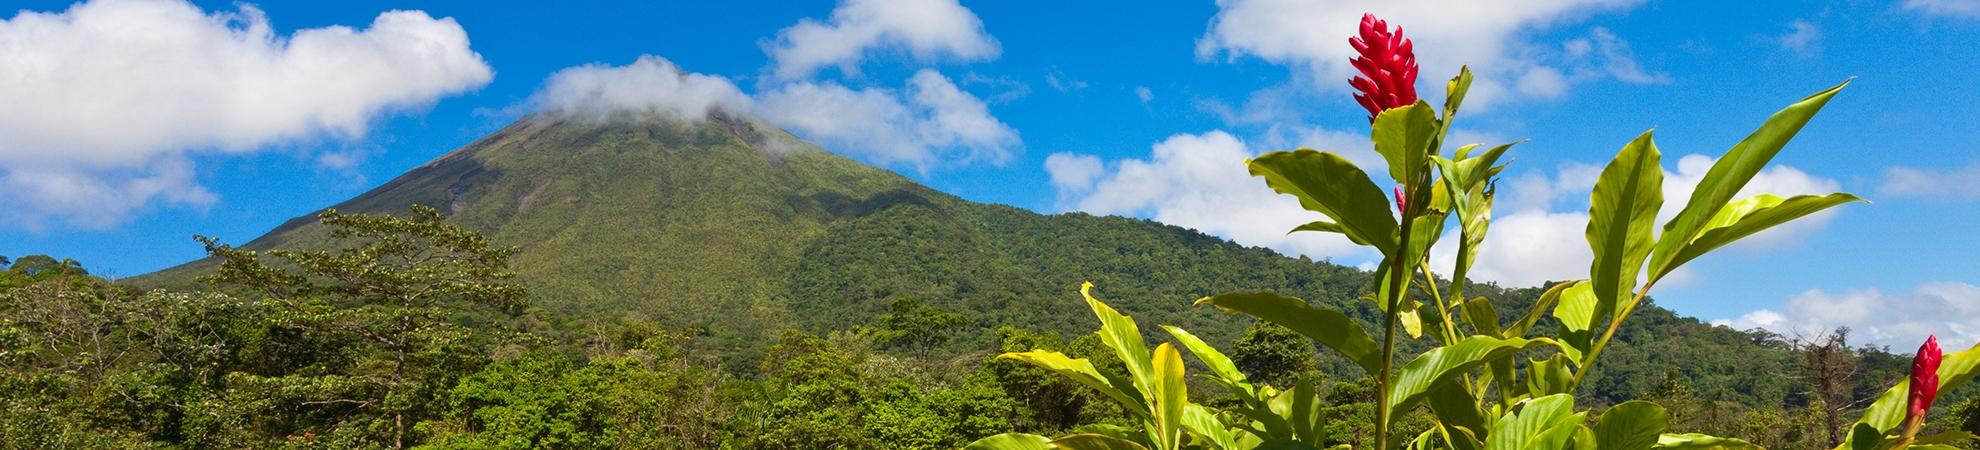 Fiche pays Costa Rica